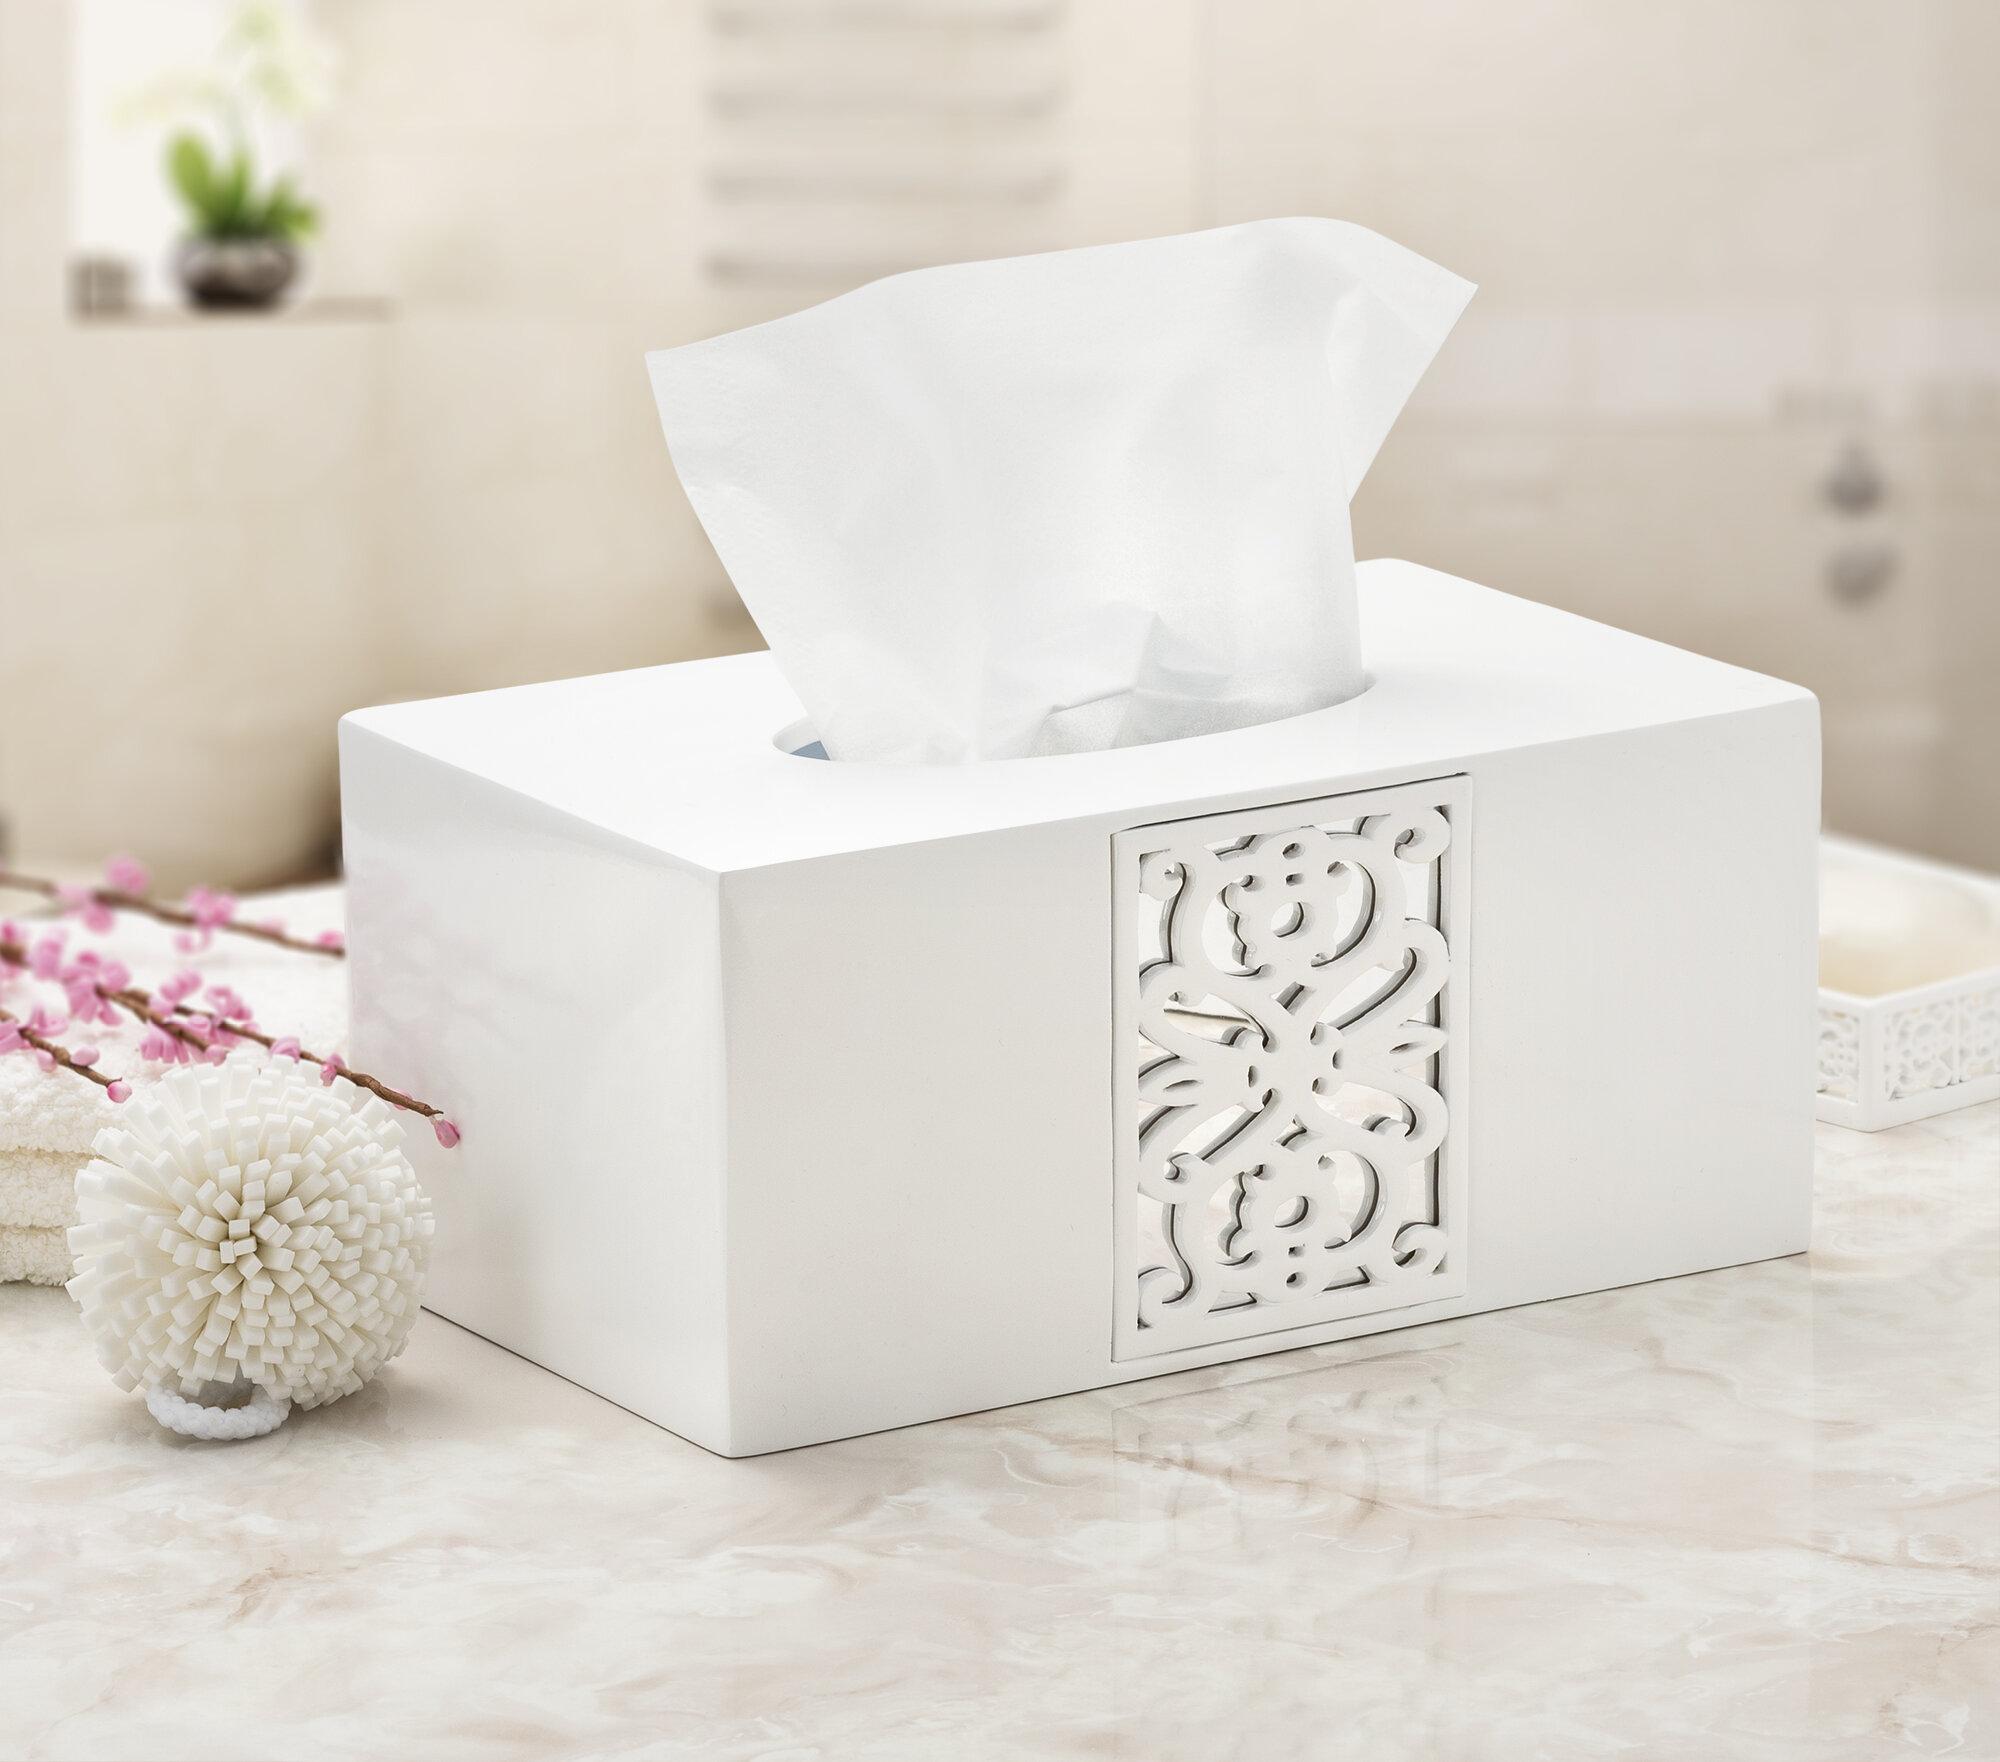 Tissue Box Desk Organizer Living Room Home Office Restaurant Rectangular Shape